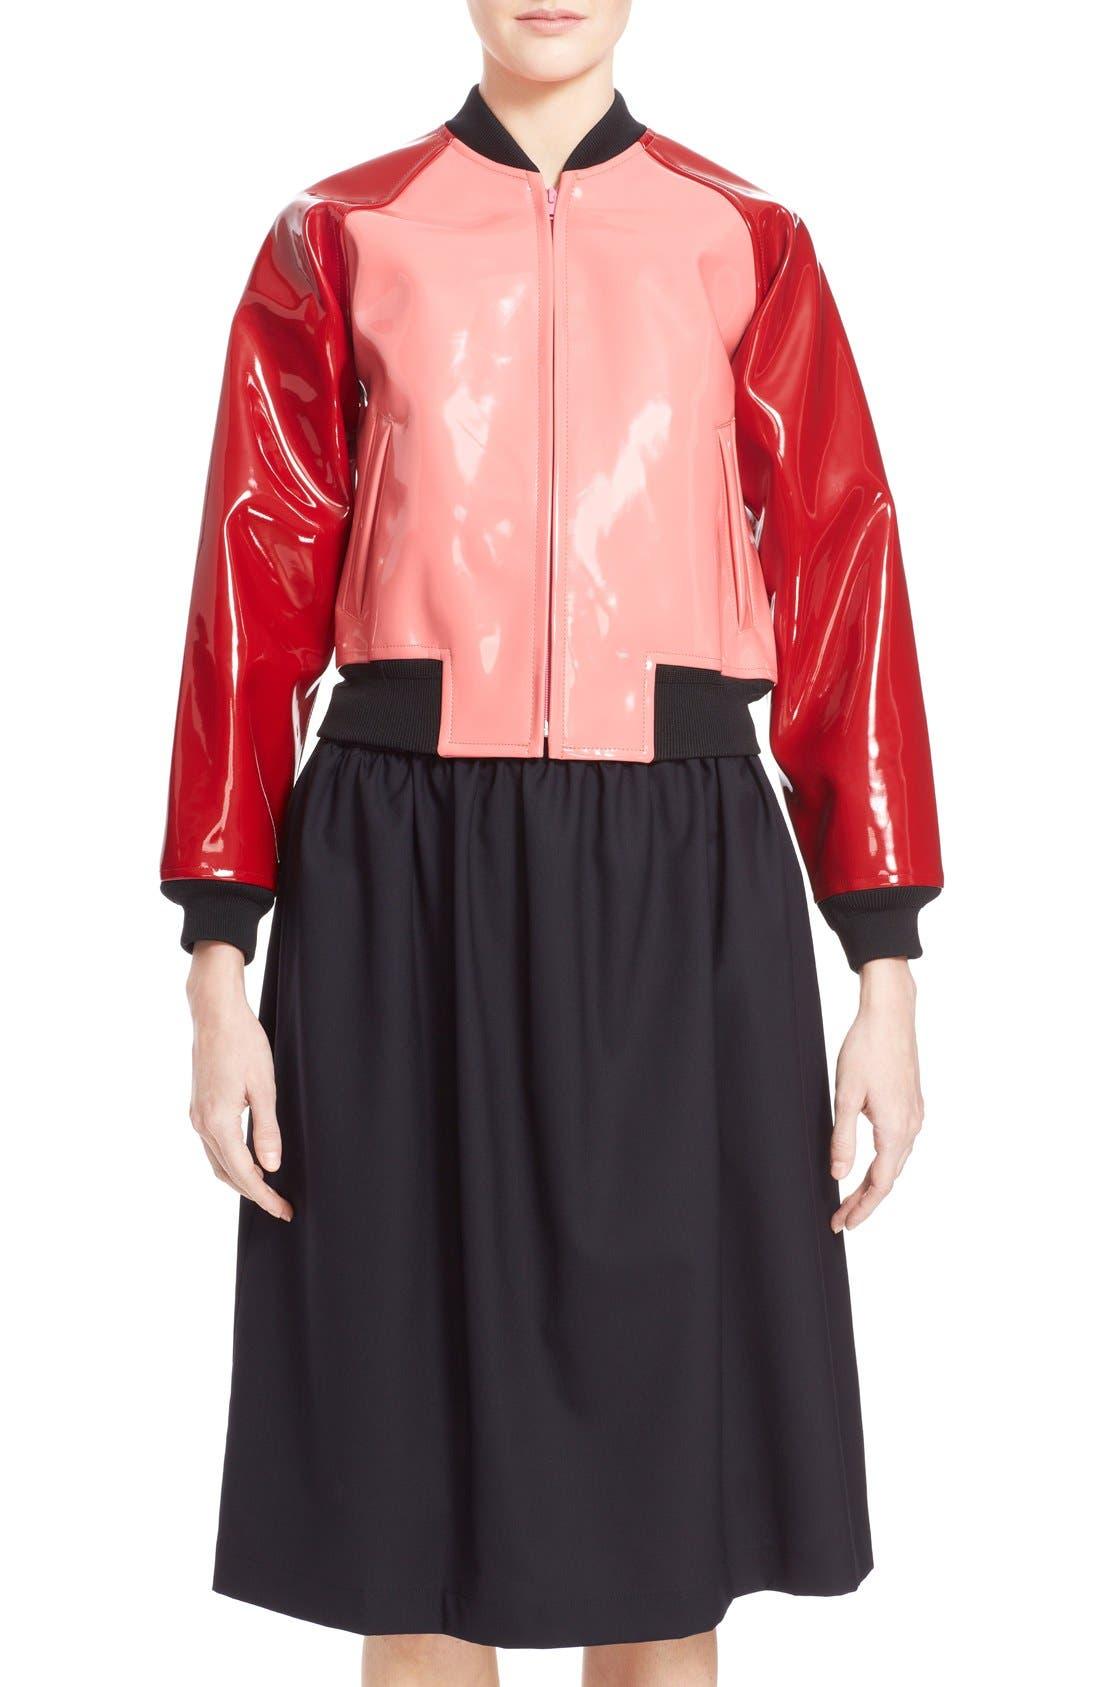 Main Image - Comme des Garçons 'Enamel' Faux Leather Bomber Jacket